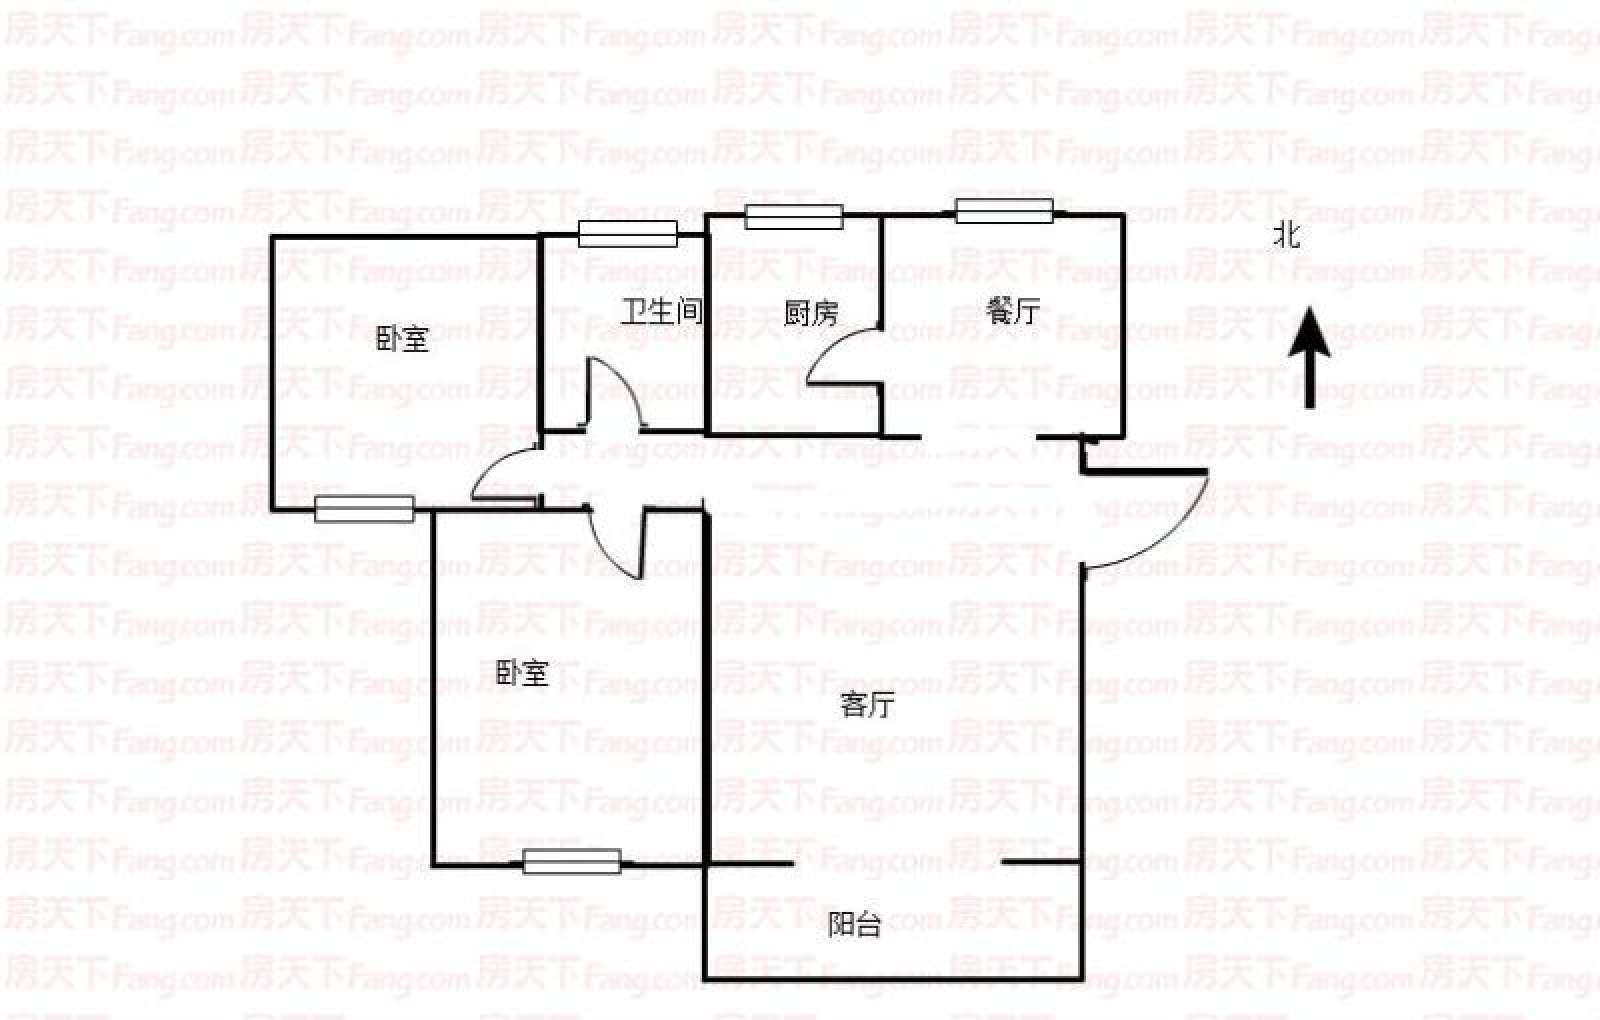 弘雅花园 2室2厅97㎡